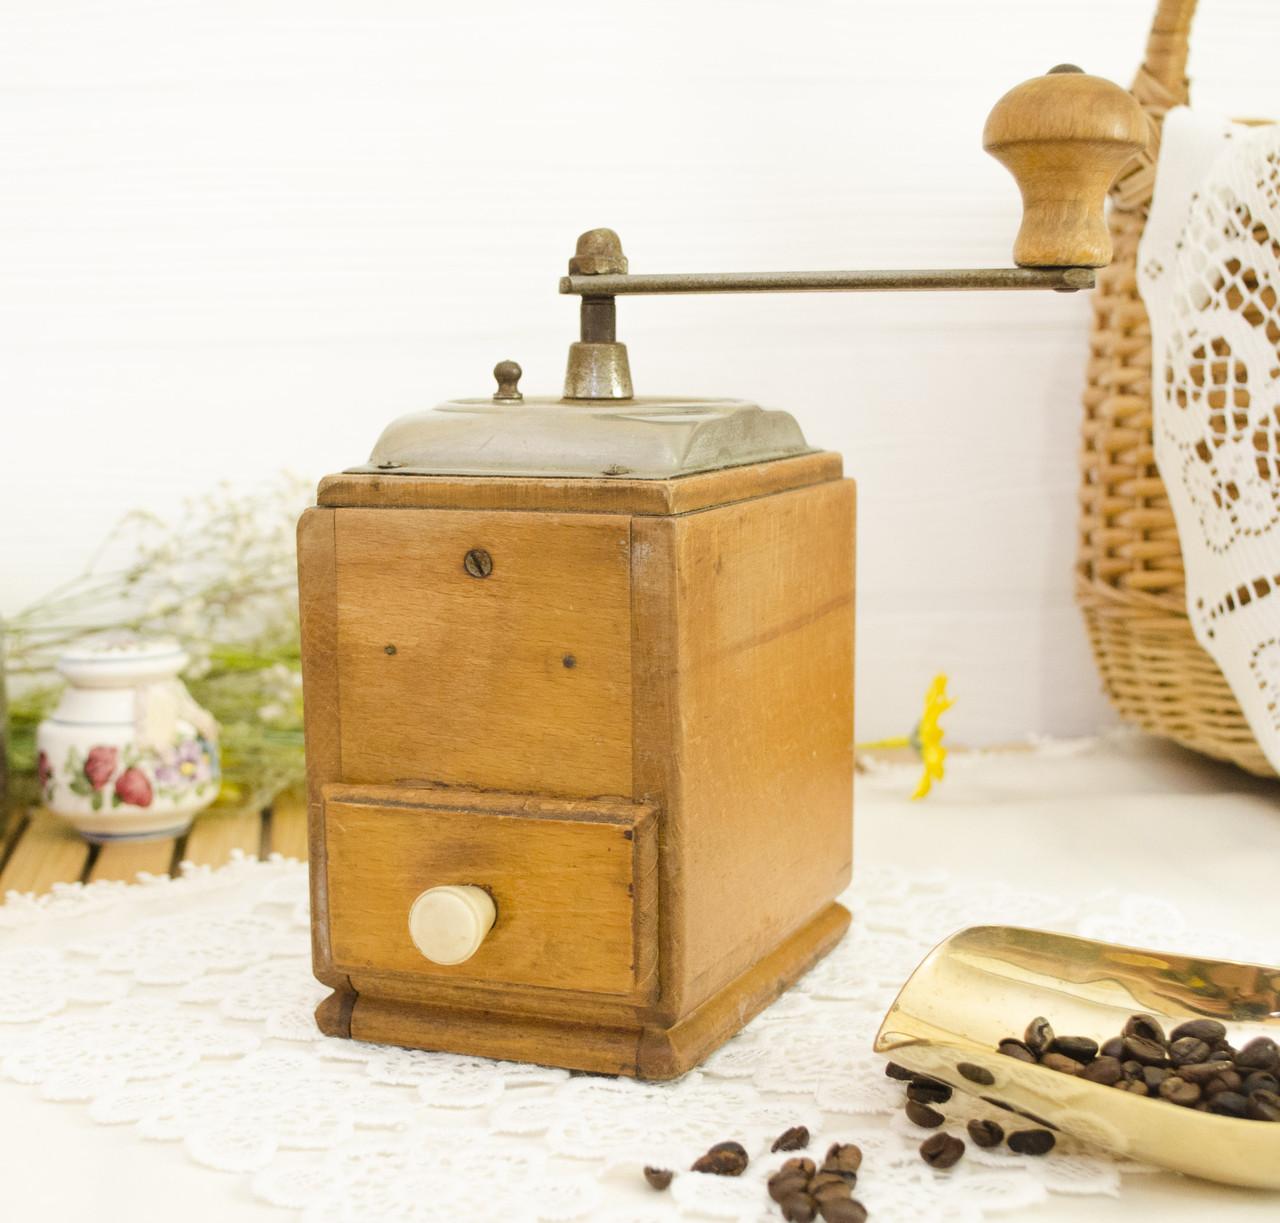 Старая ручная немецкая кофемолка, деревянный корпус, Германия, Zassenhaus